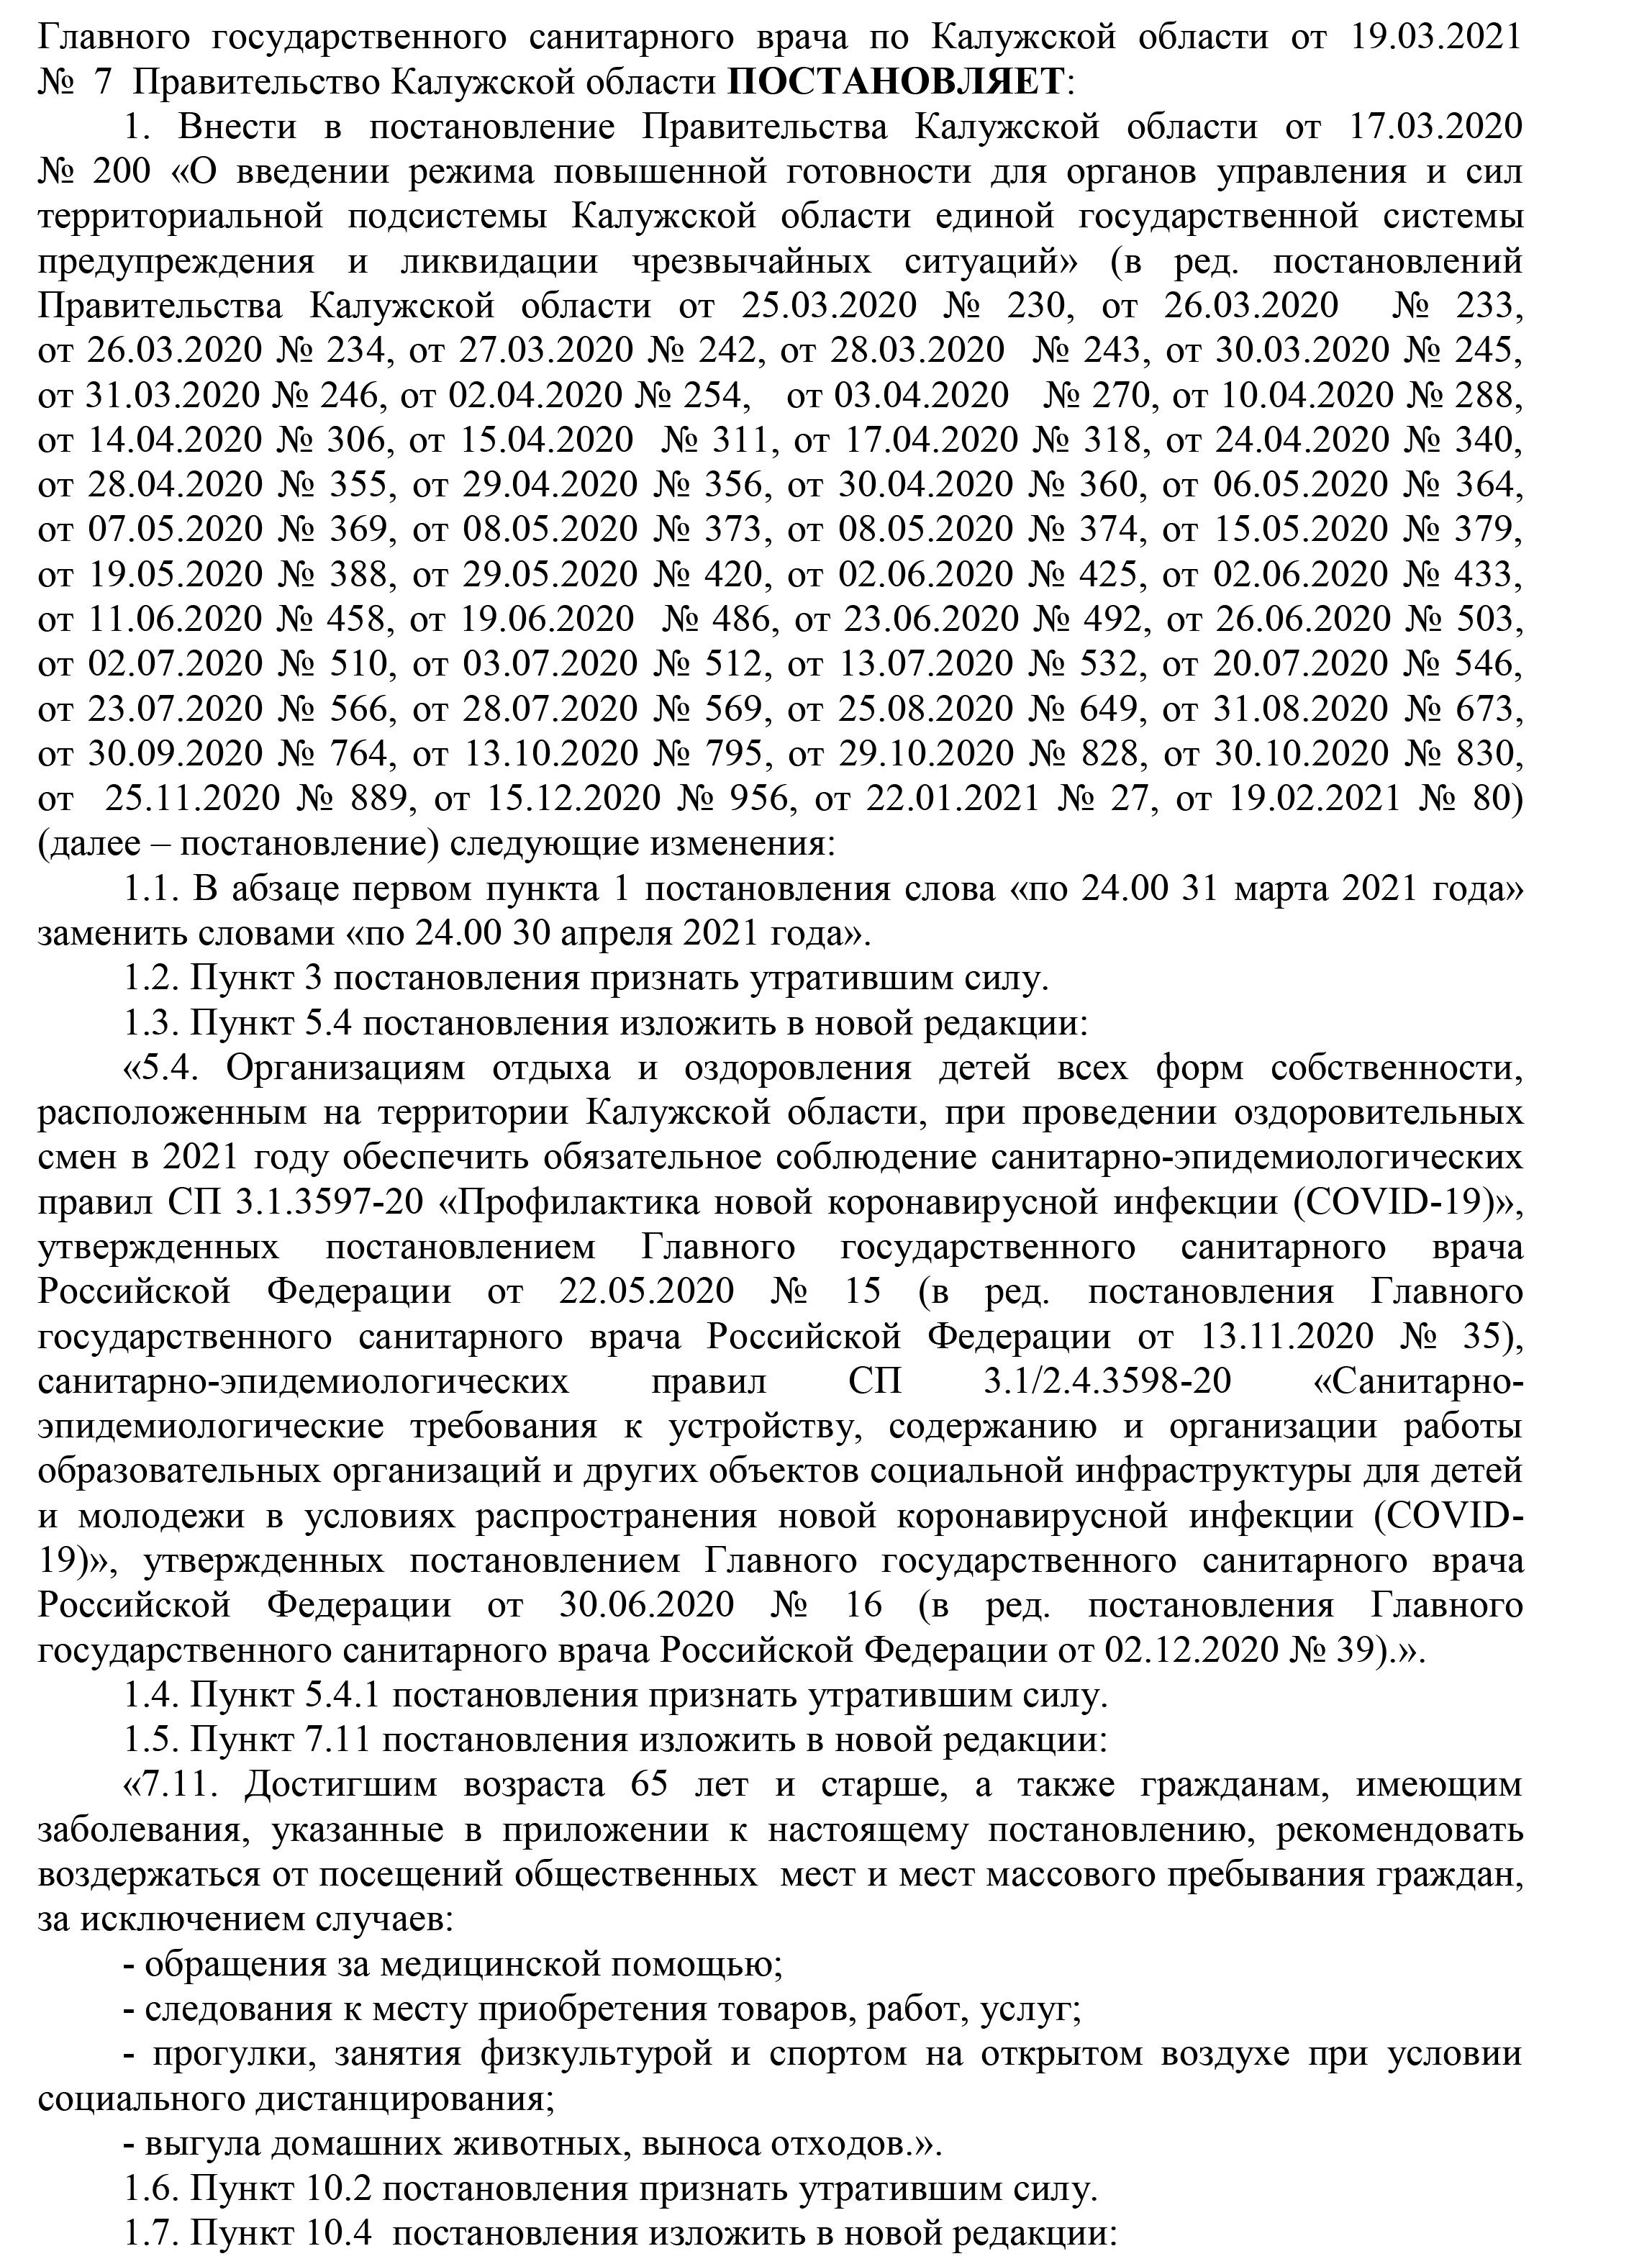 постановление правительства Калужской области №159 от 22.03.2021 года полный текст